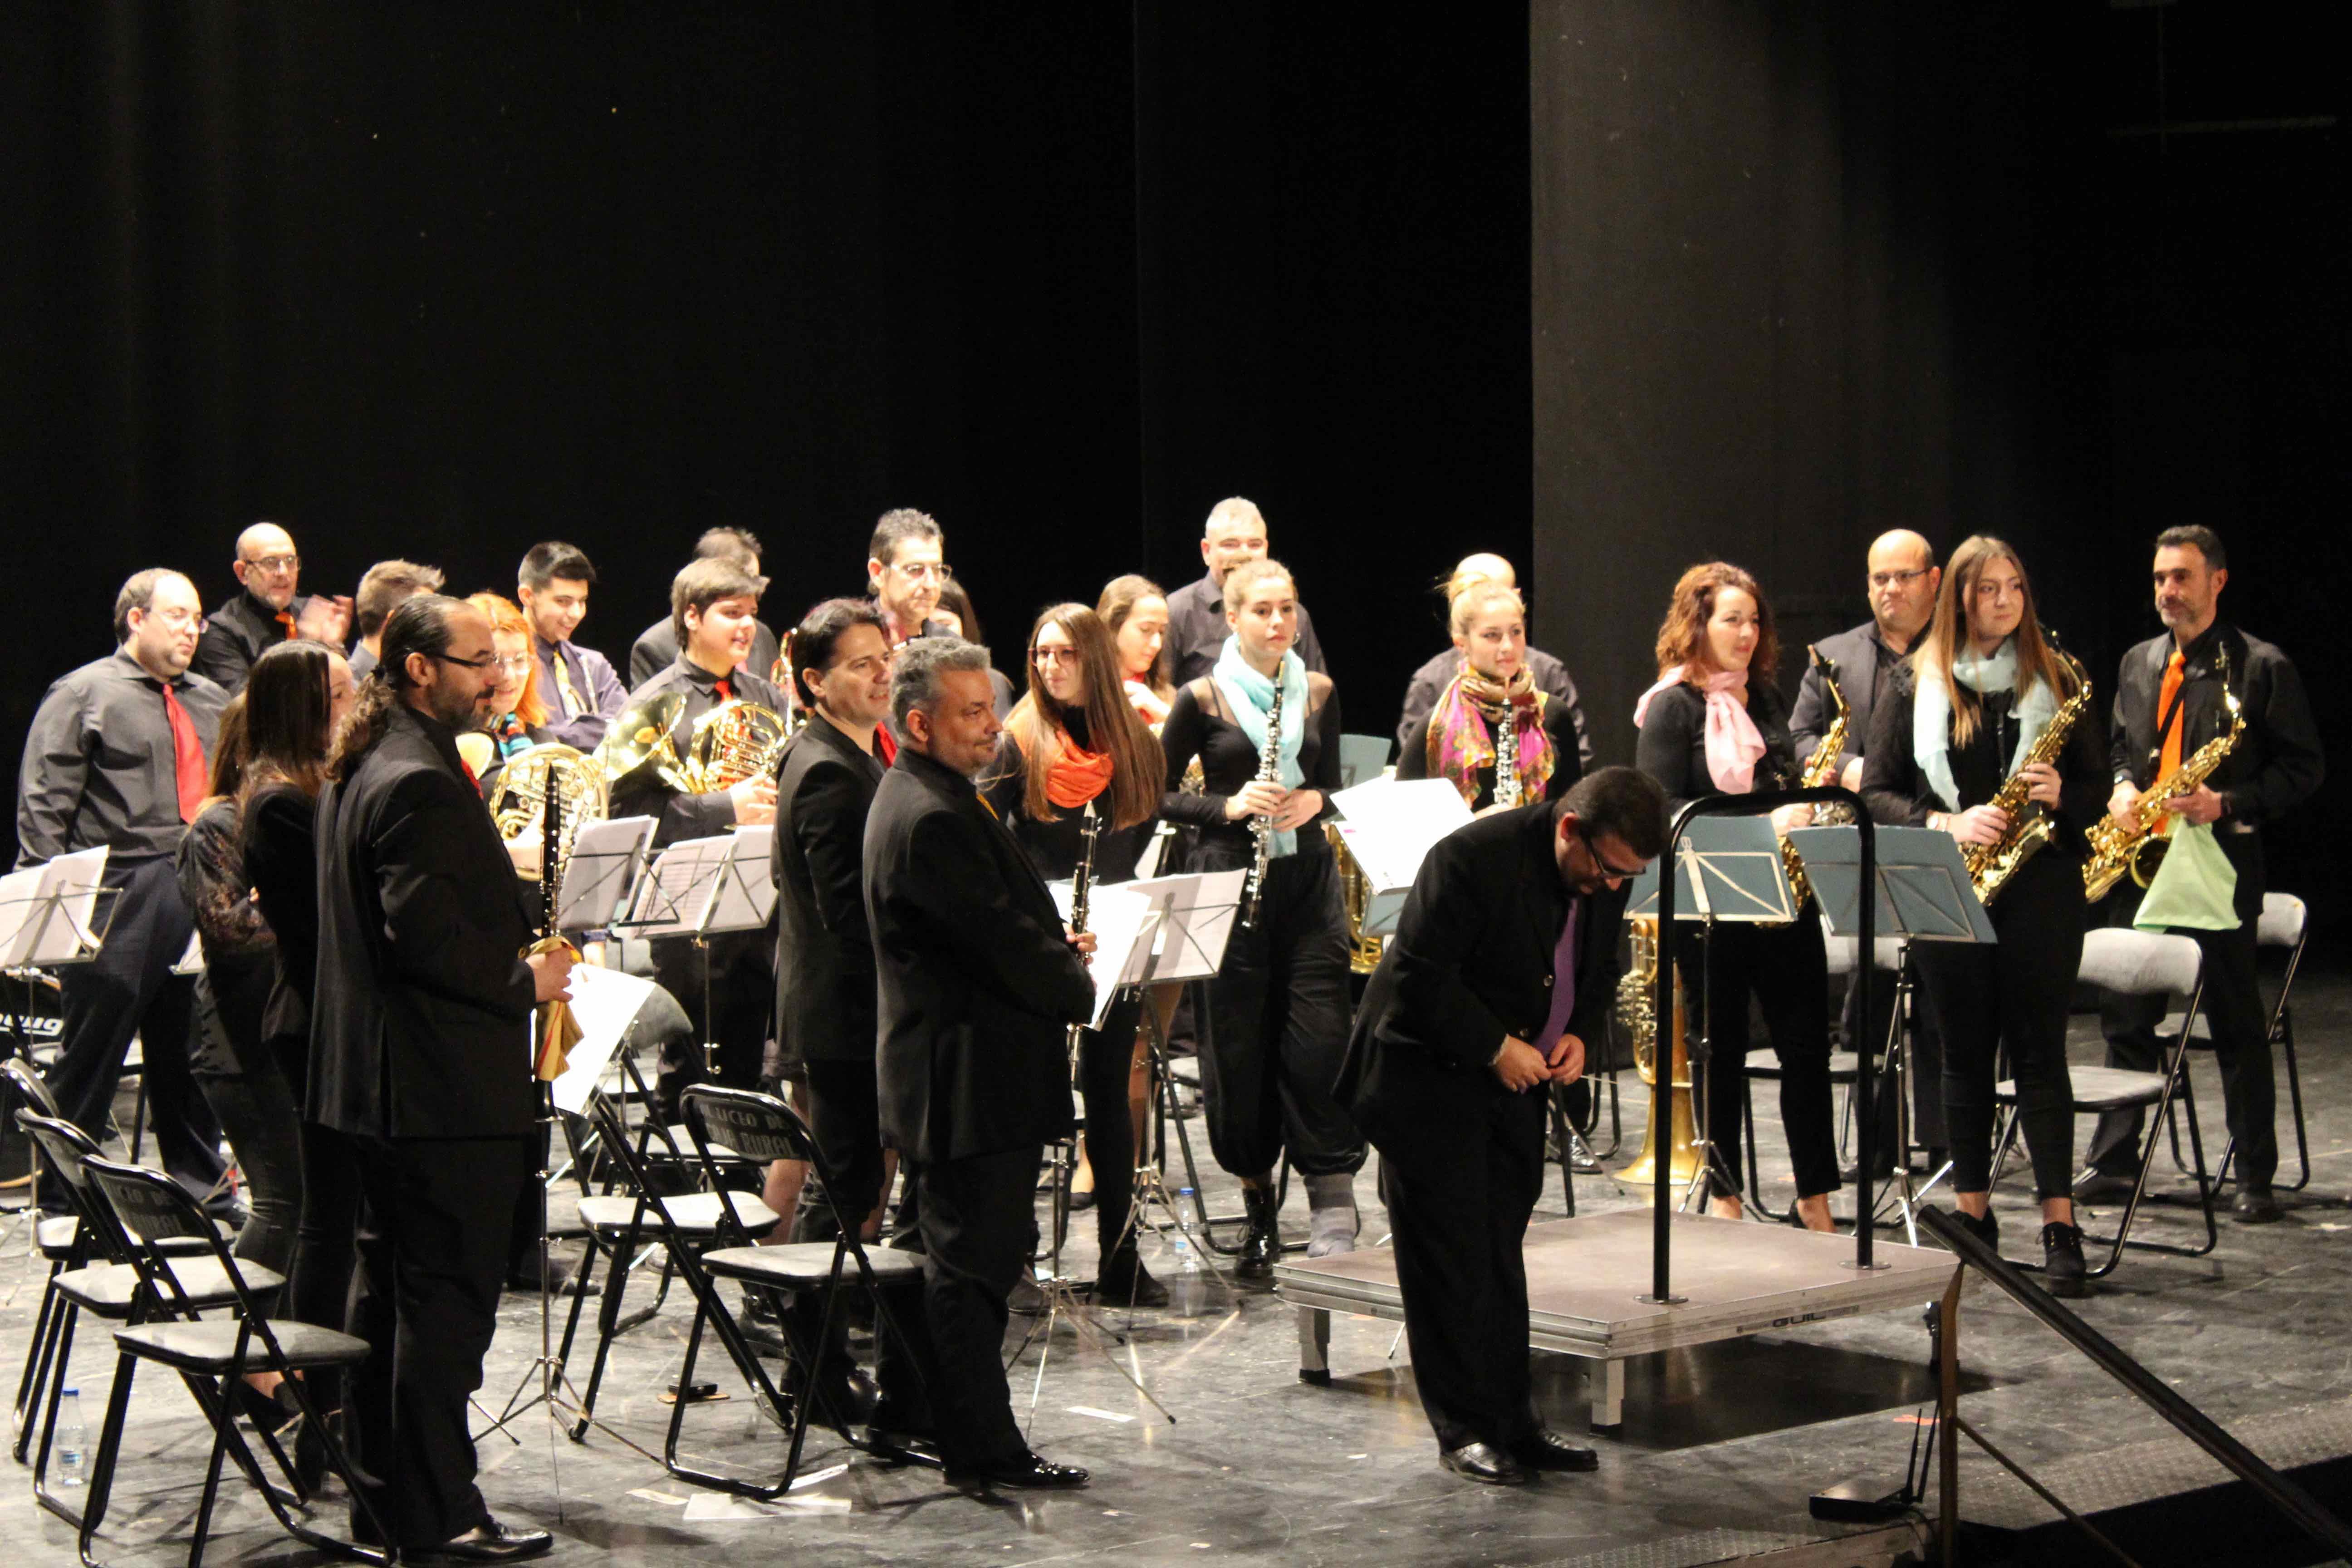 """Concierto solidario """"Toda una vida"""", a cargo de la agrupación musical Amigos de la Música, dirigida por Manolo Tarín, en el Teatro Liceo."""